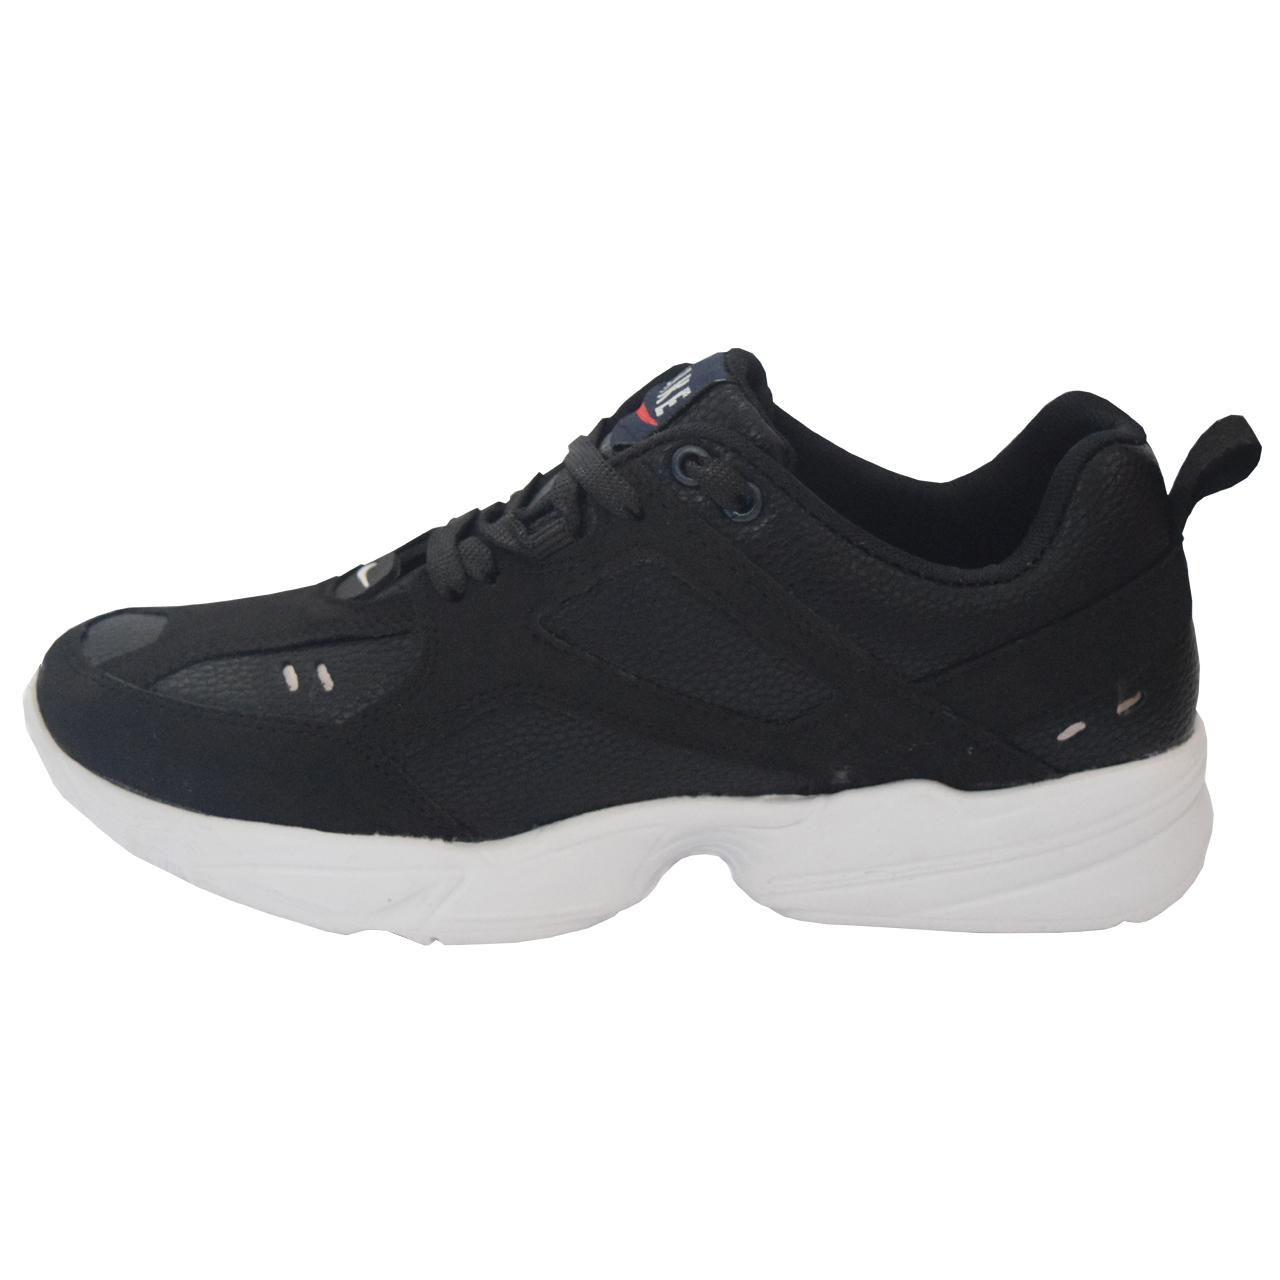 خرید                      کفش پیادهروی مدل APACHI NW001